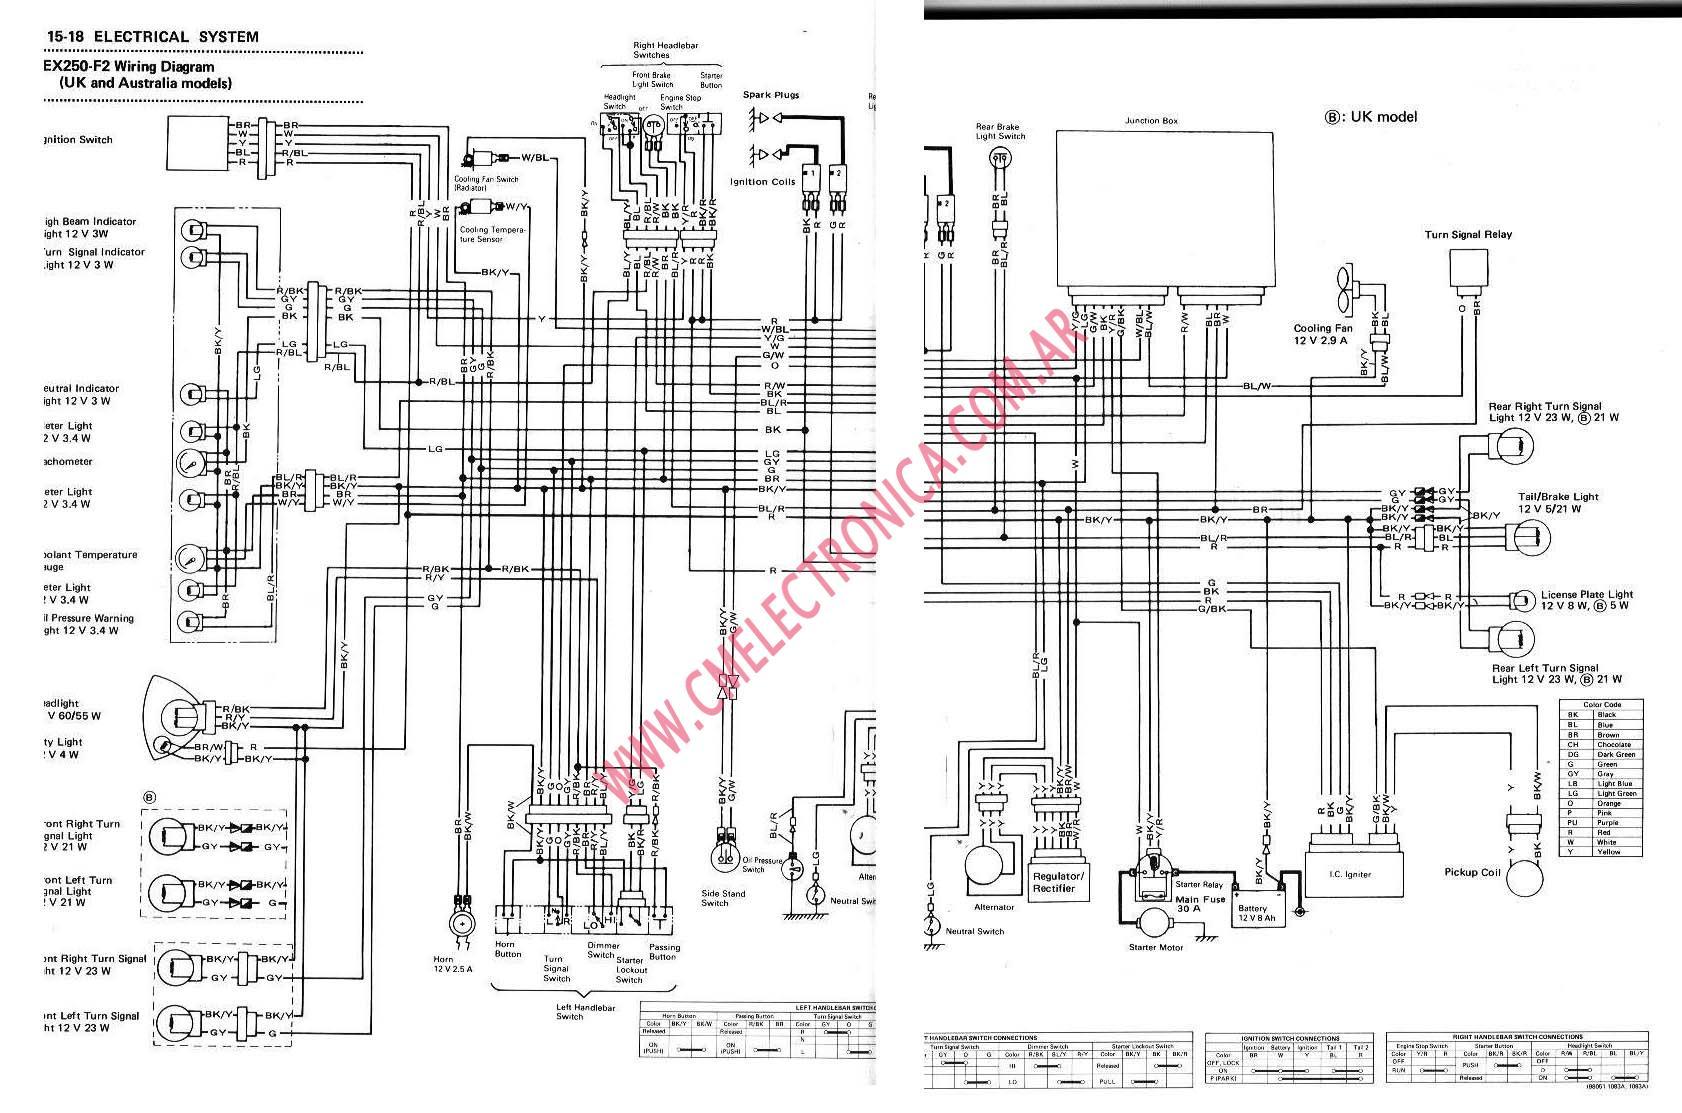 kawasaki gpx250?resize\\\\\\\\\\\\\\\=665%2C440 bajaj wind 125 wiring diagram wiring diagram simonand  at mifinder.co